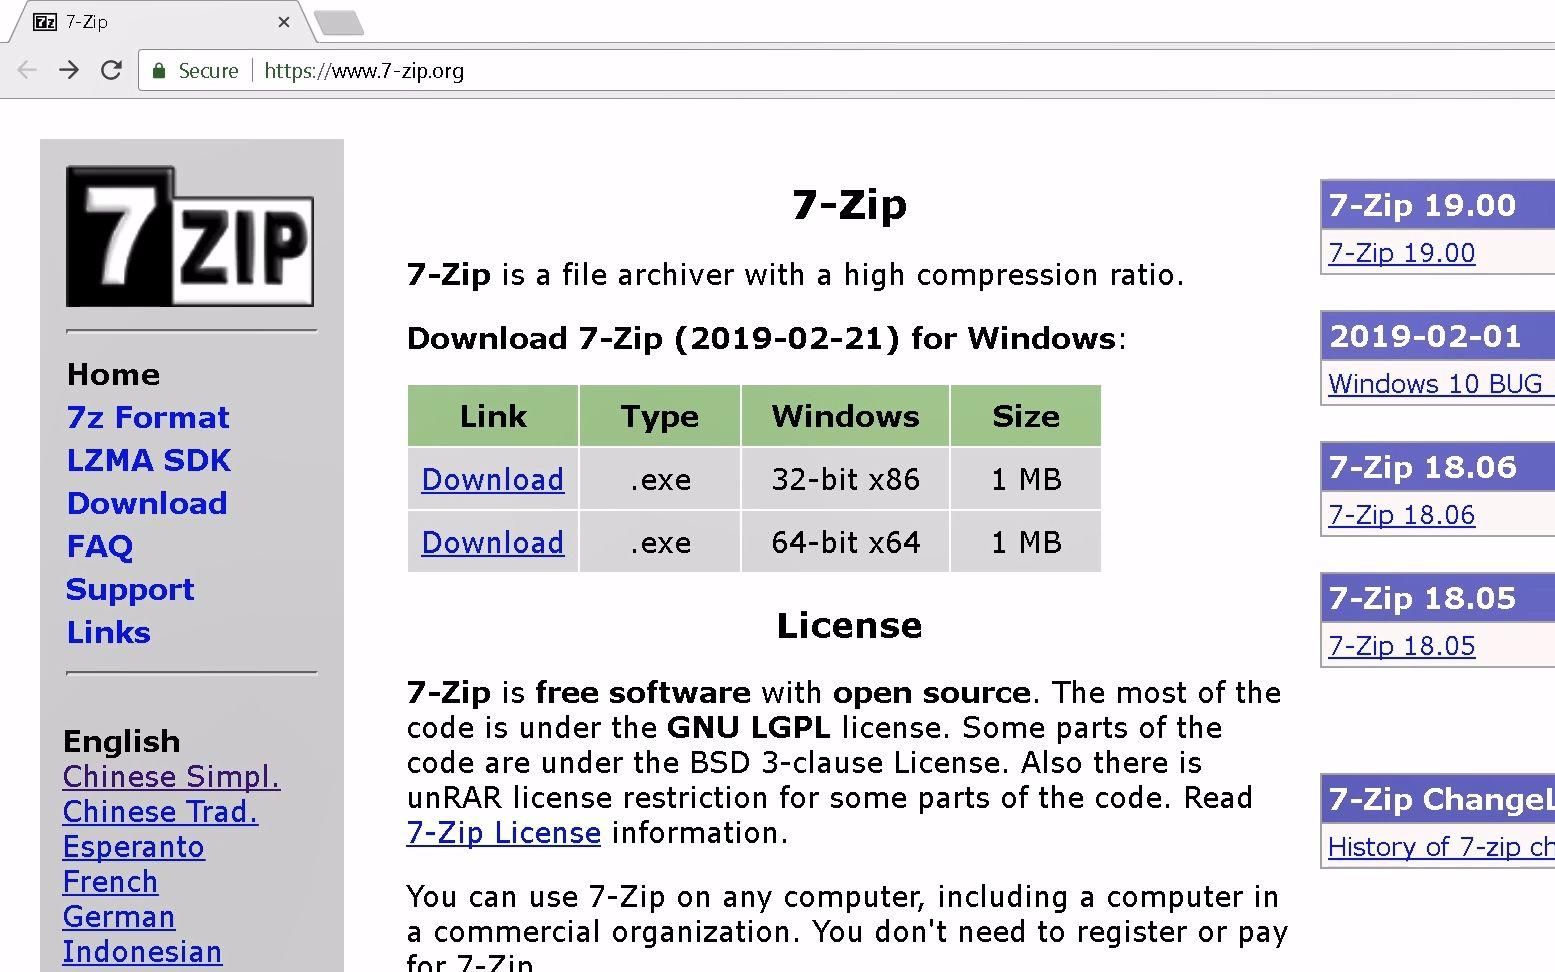 第4期:压缩软件7zip开启加密功能Helpdesk-PC COM_哔哩哔哩 (゜-゜)つロ 干杯~-bilibili